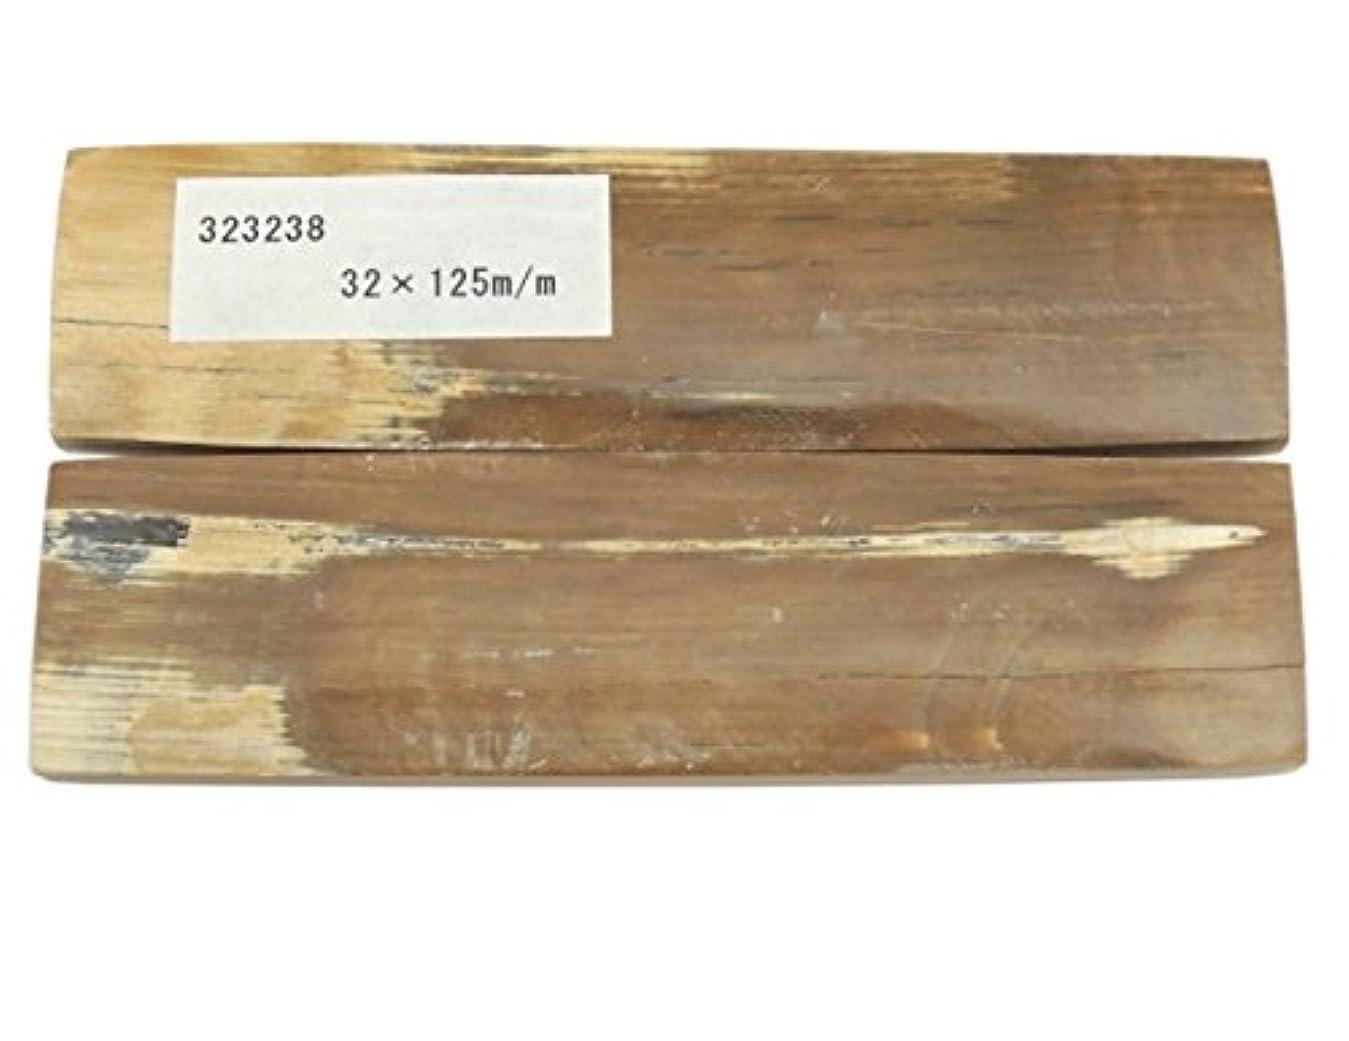 つかまえる終わった講堂ナイフ用ハンドル材 323238 32x125 (2枚1組)